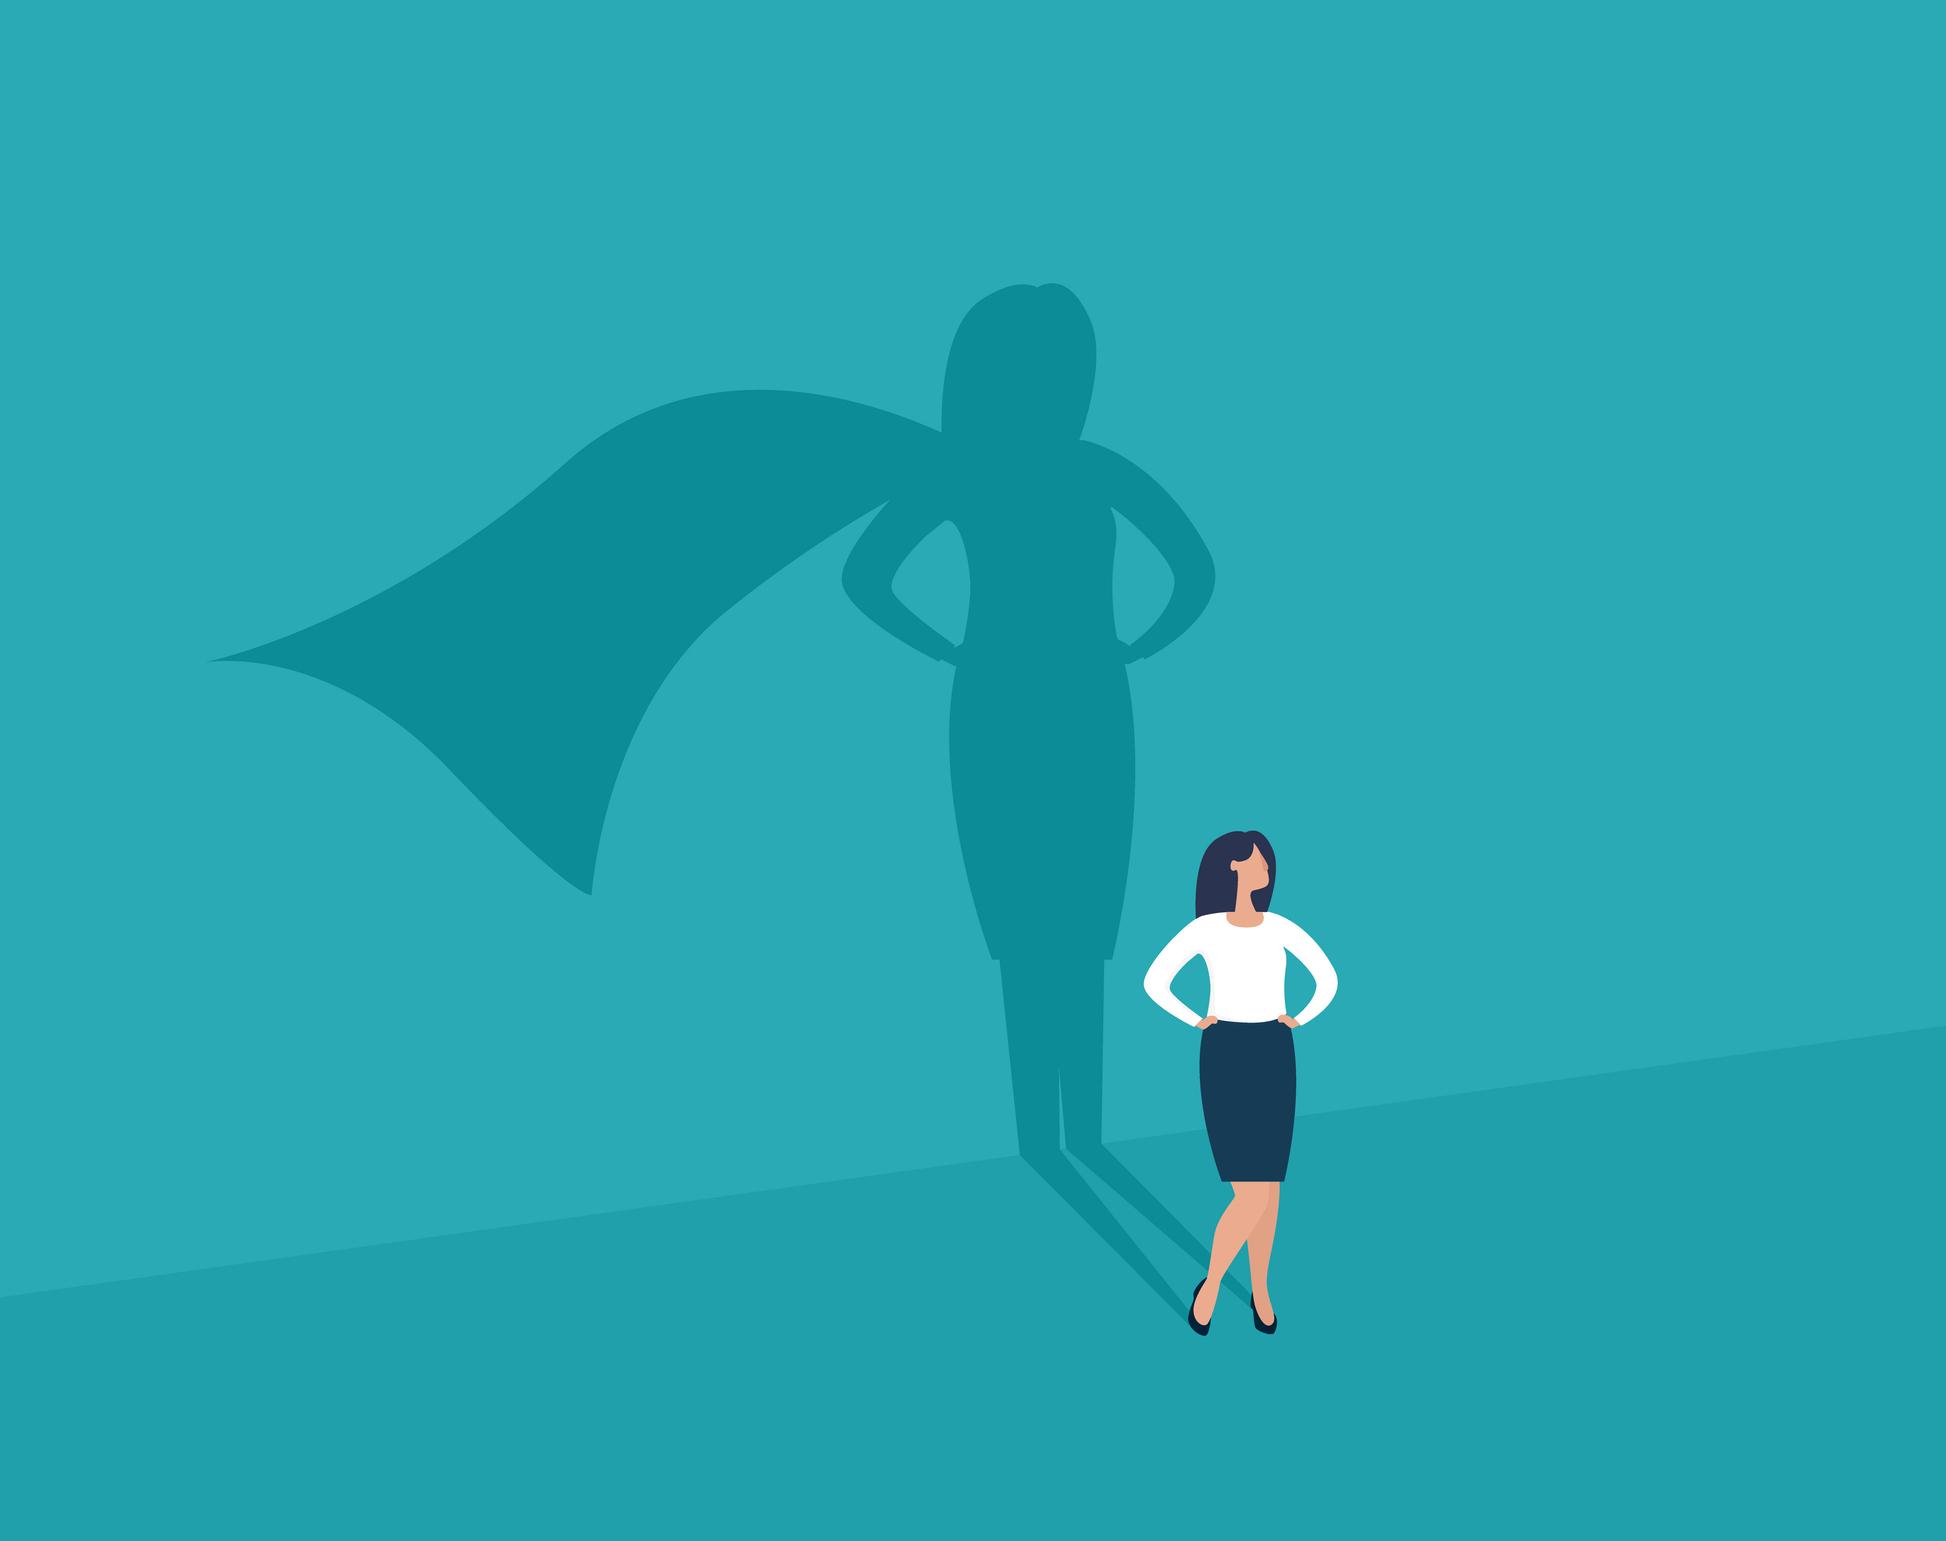 XP lança fundo com foco em ações de empresas com liderança feminina thumbnail